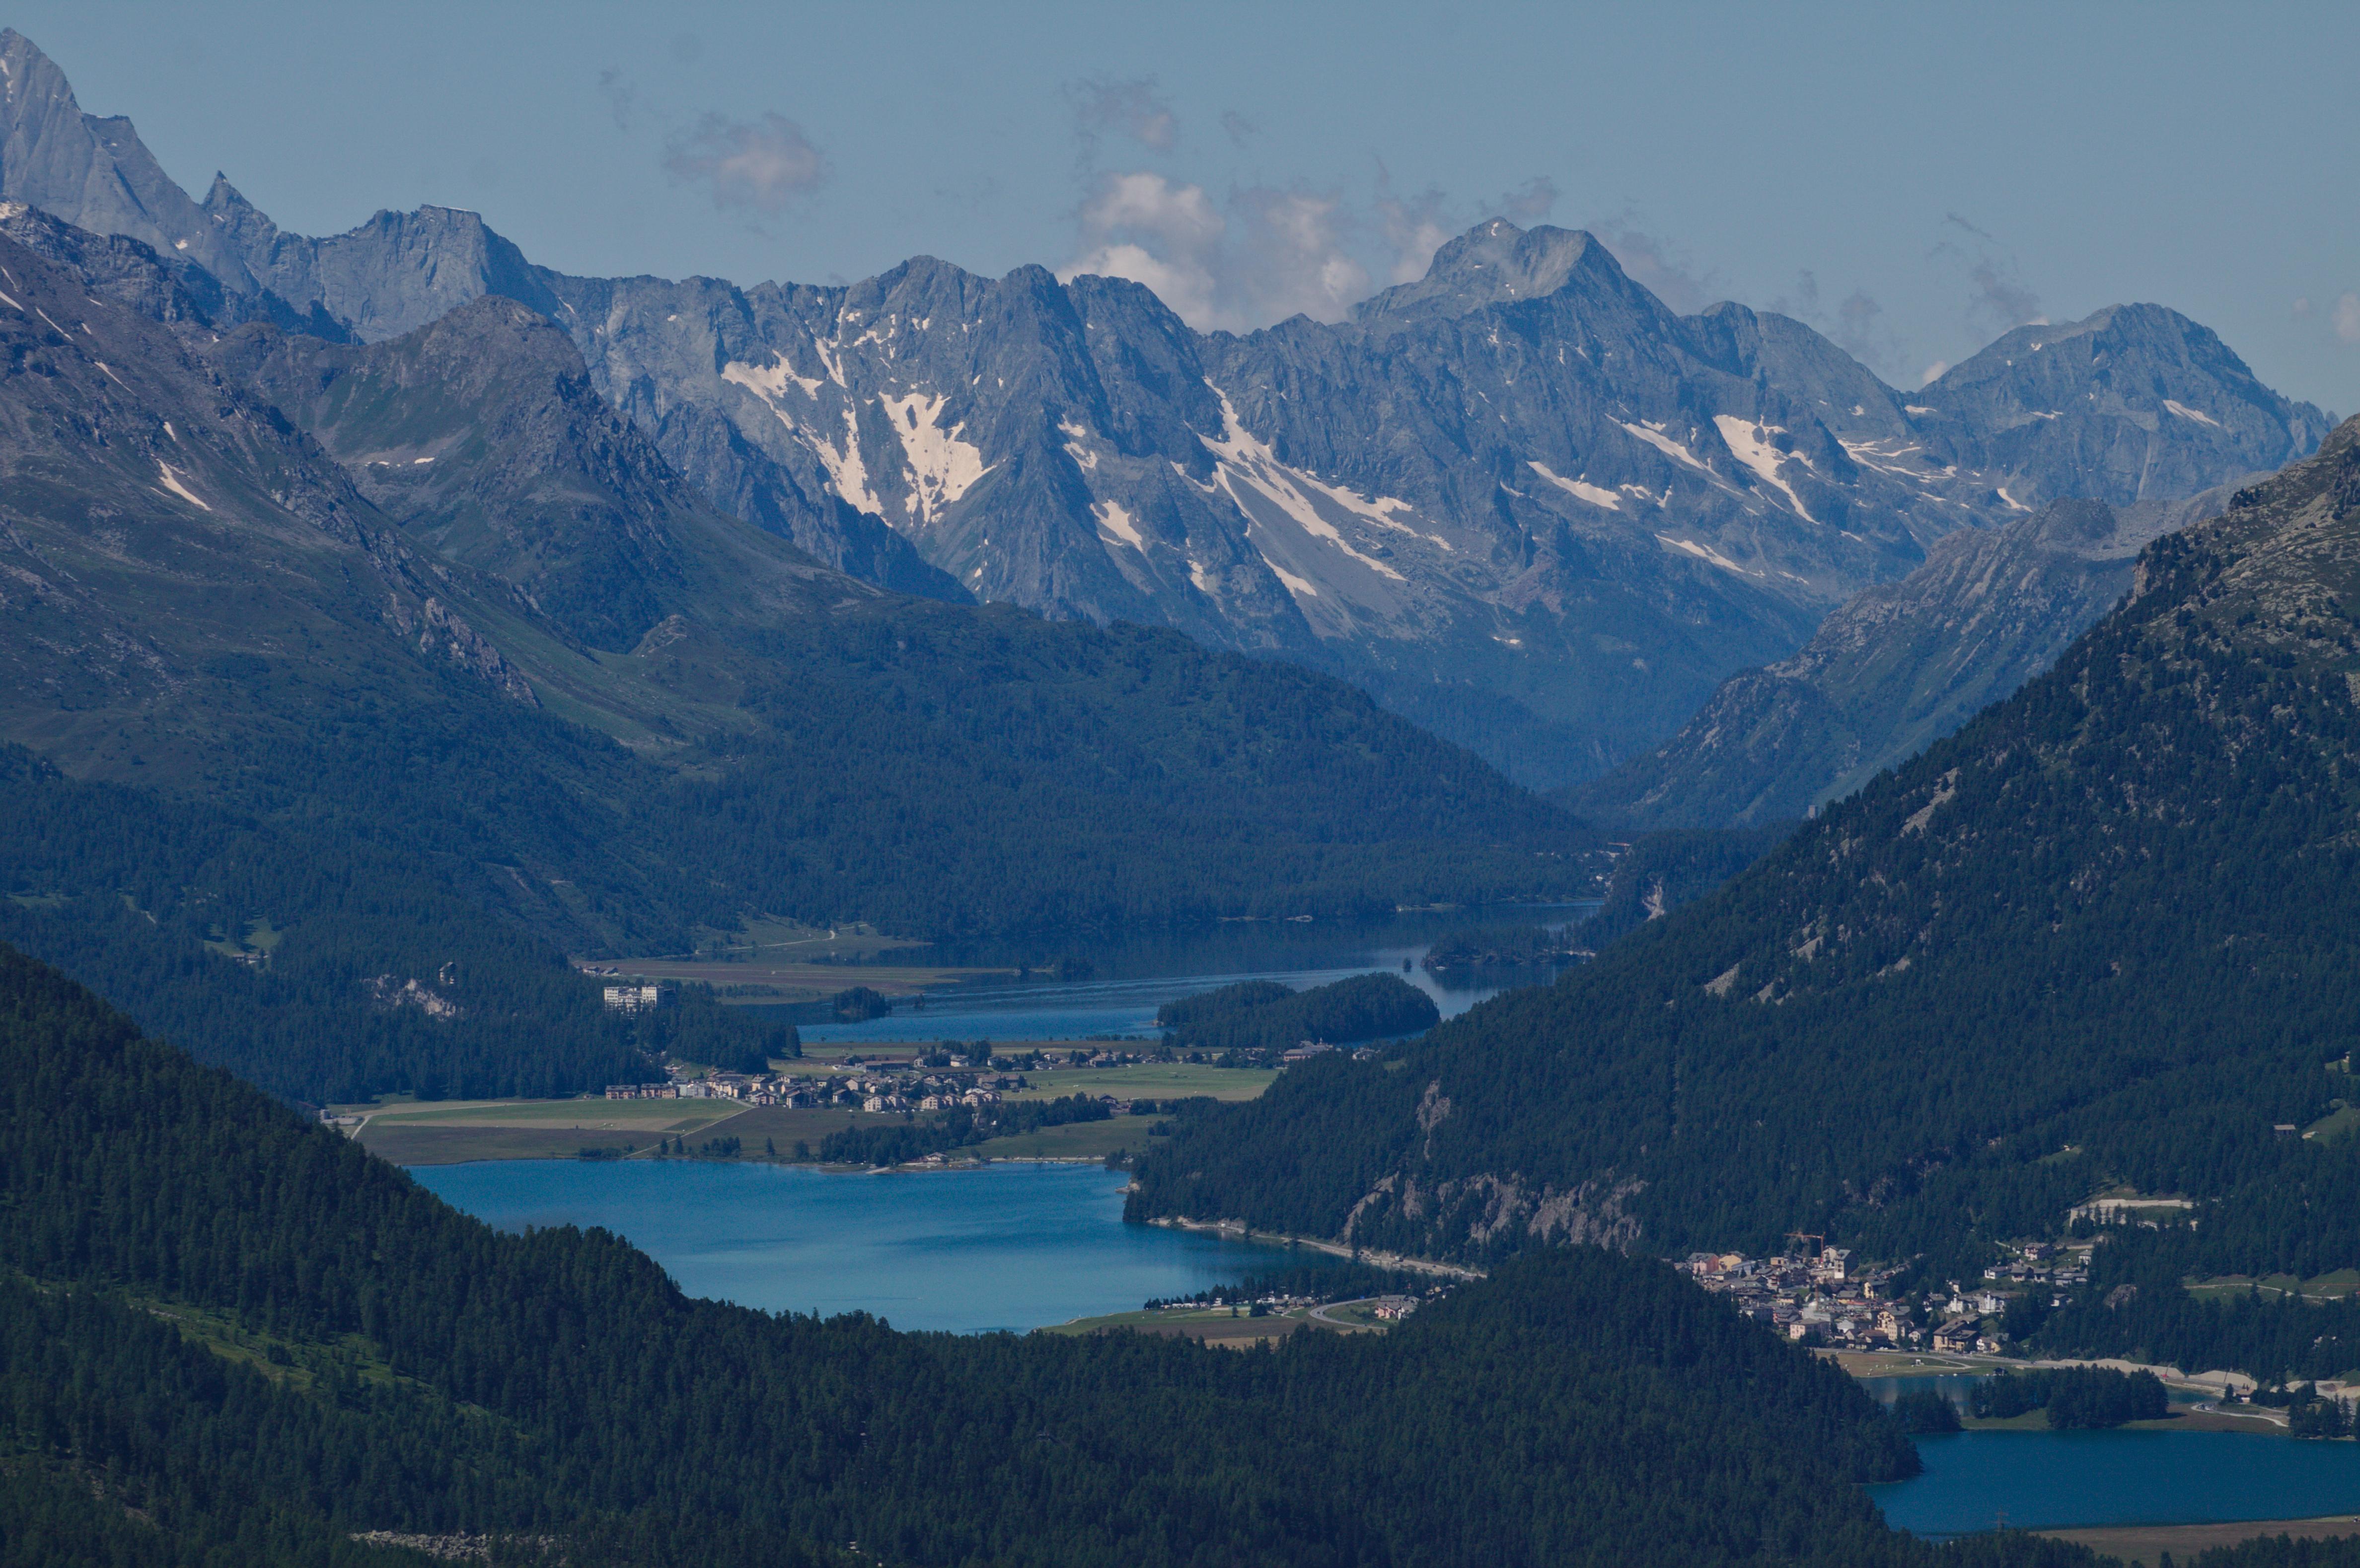 paysage d'une vue de lacs de montagnes et des montagnes et forêts qui les entourent